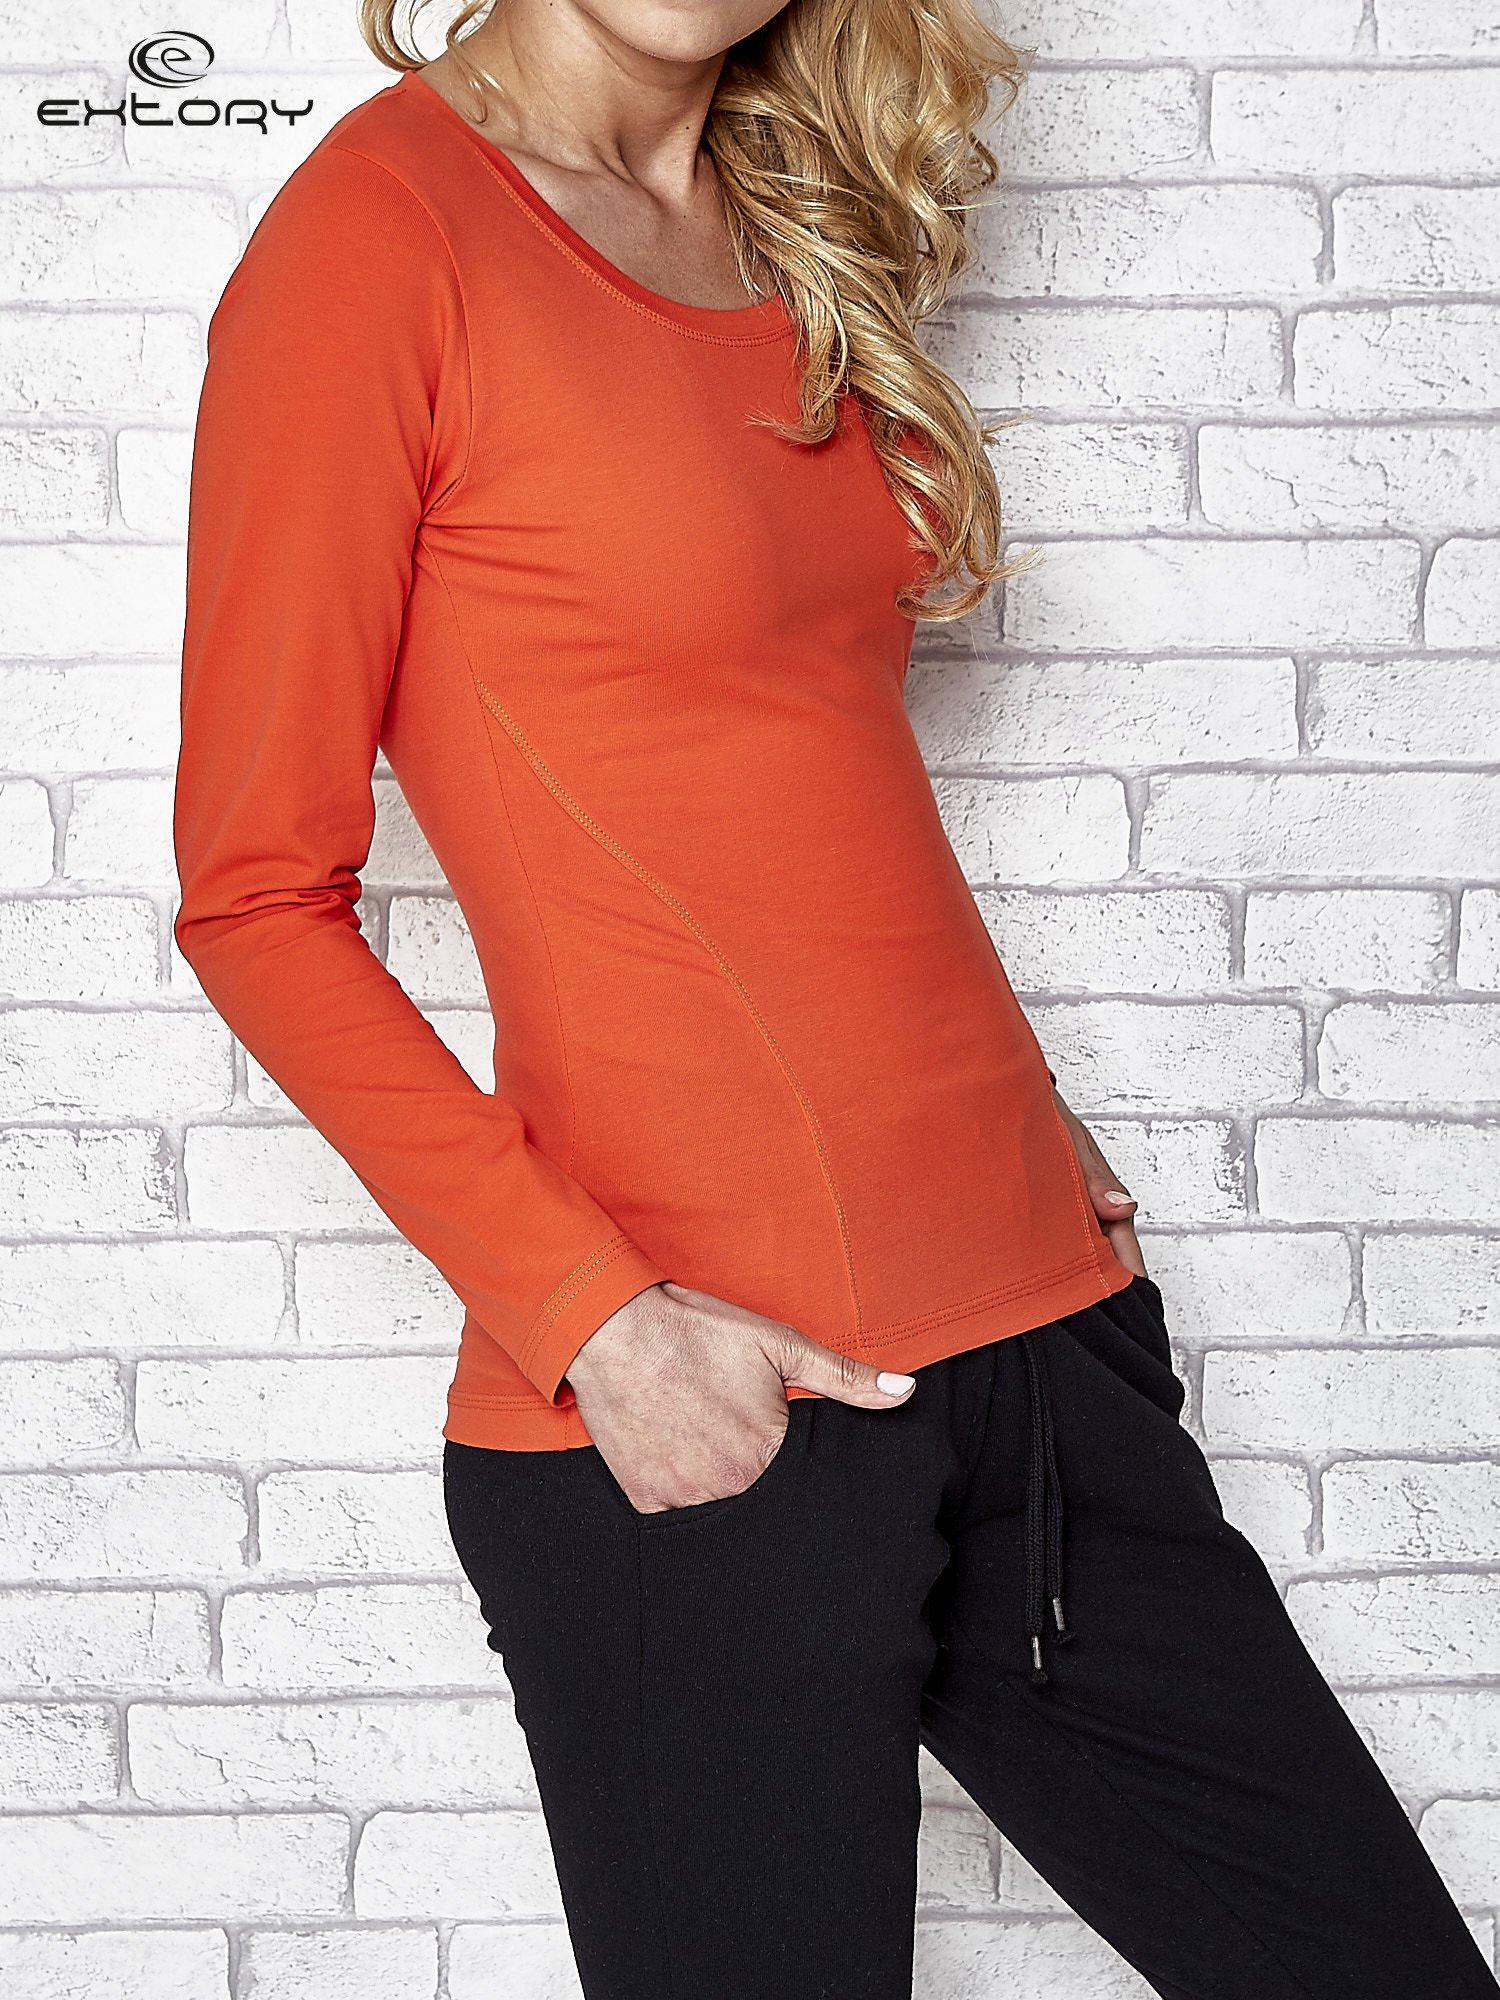 Ciemnopomarańczowa bluzka sportowa z dekoltem U                                  zdj.                                  3